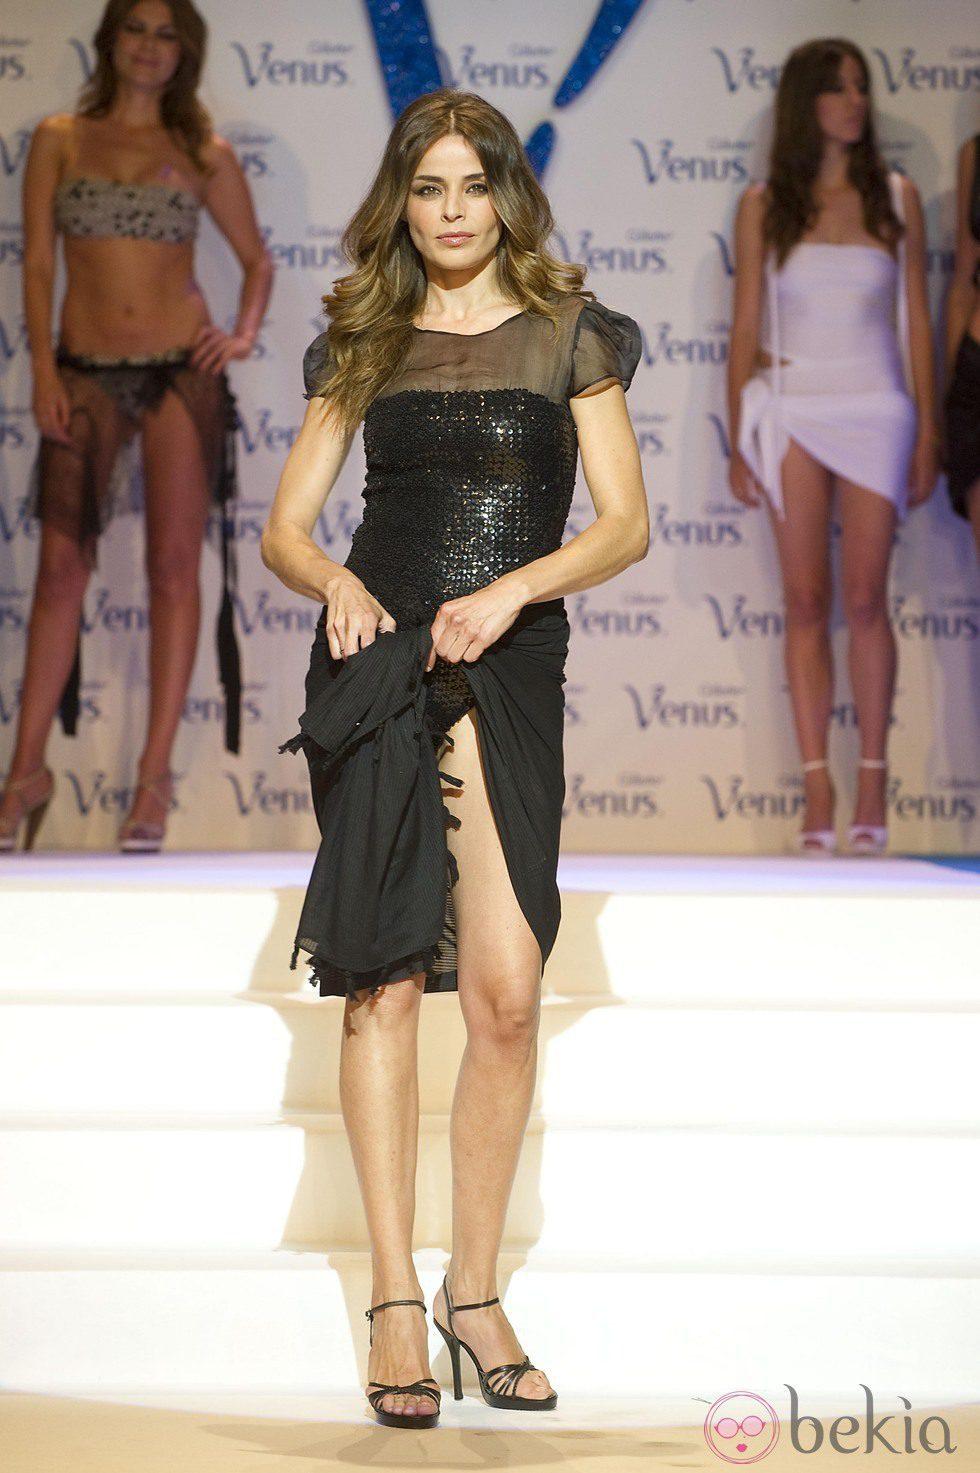 999_inma-del-moral-en-los-premios-venus-de-diseno-2011